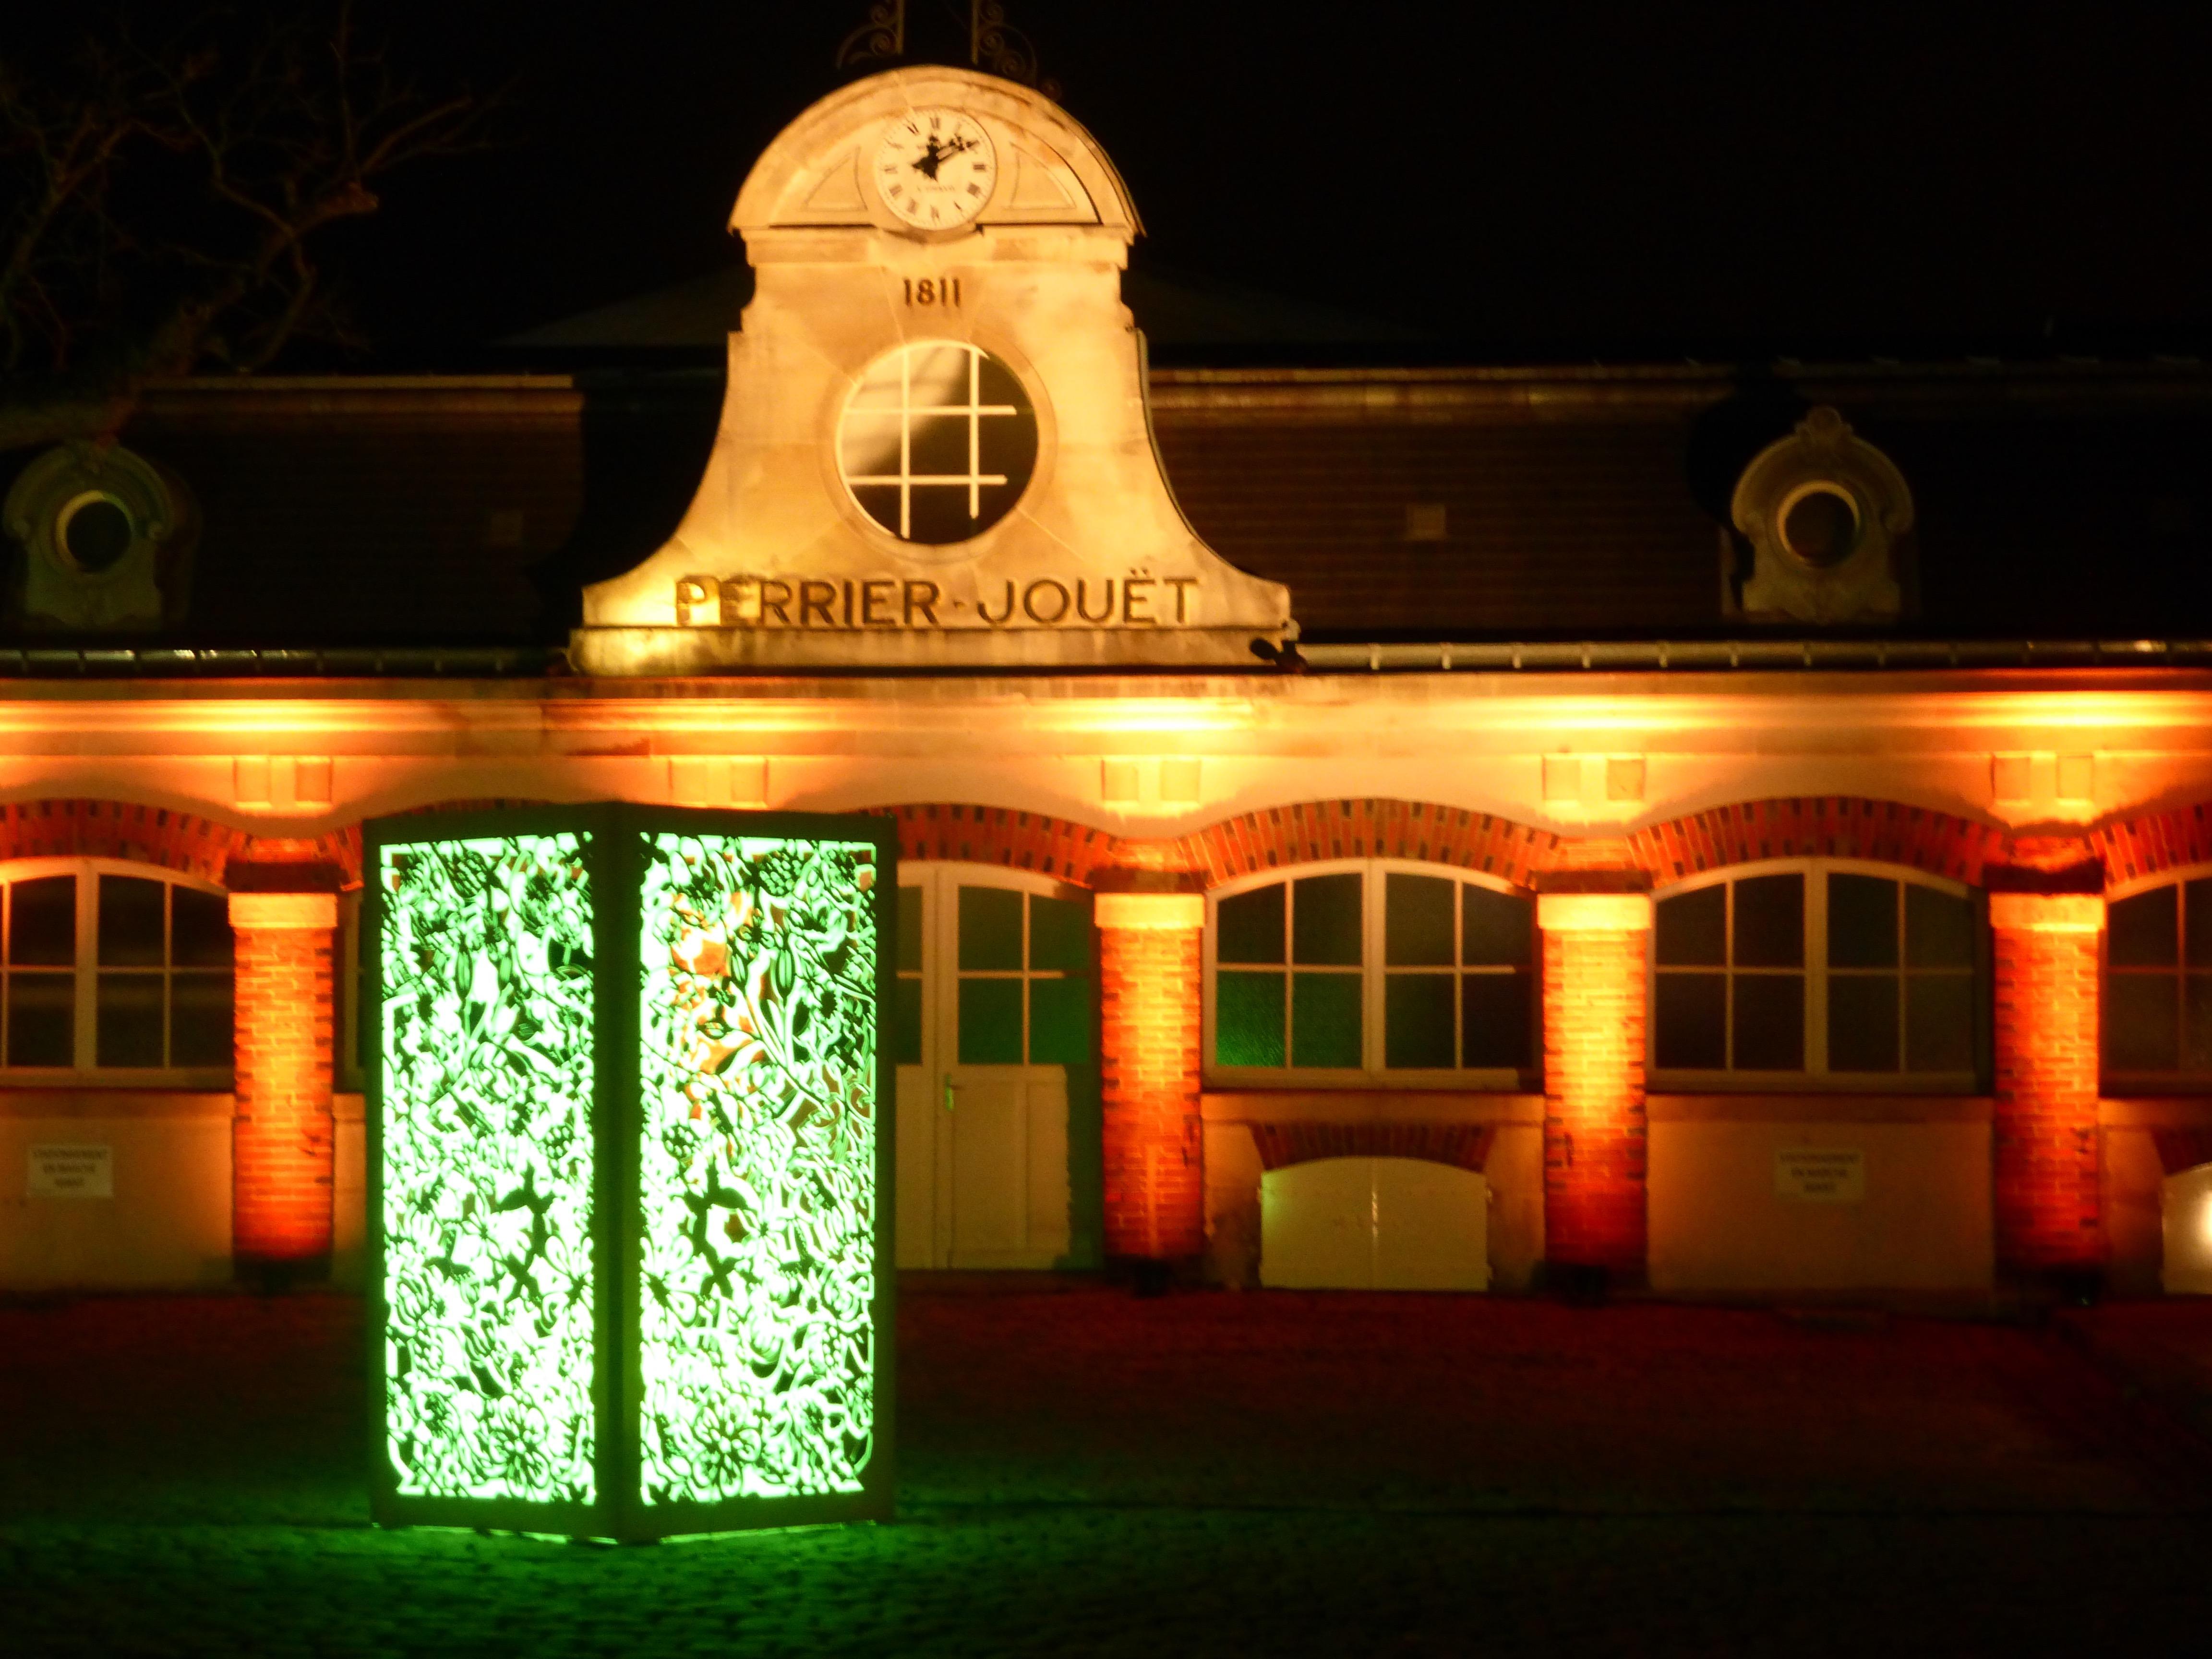 Du 11 au 13 décembre dernier, Epernay a revêtu ses Habits de Lumière pour un évènement majeur :  l'Unesco vient de classer les Coteaux, Maisons et Caves de Champagne au Patrimoine mondial de l'Humanité !  © Ville d'Epernay.